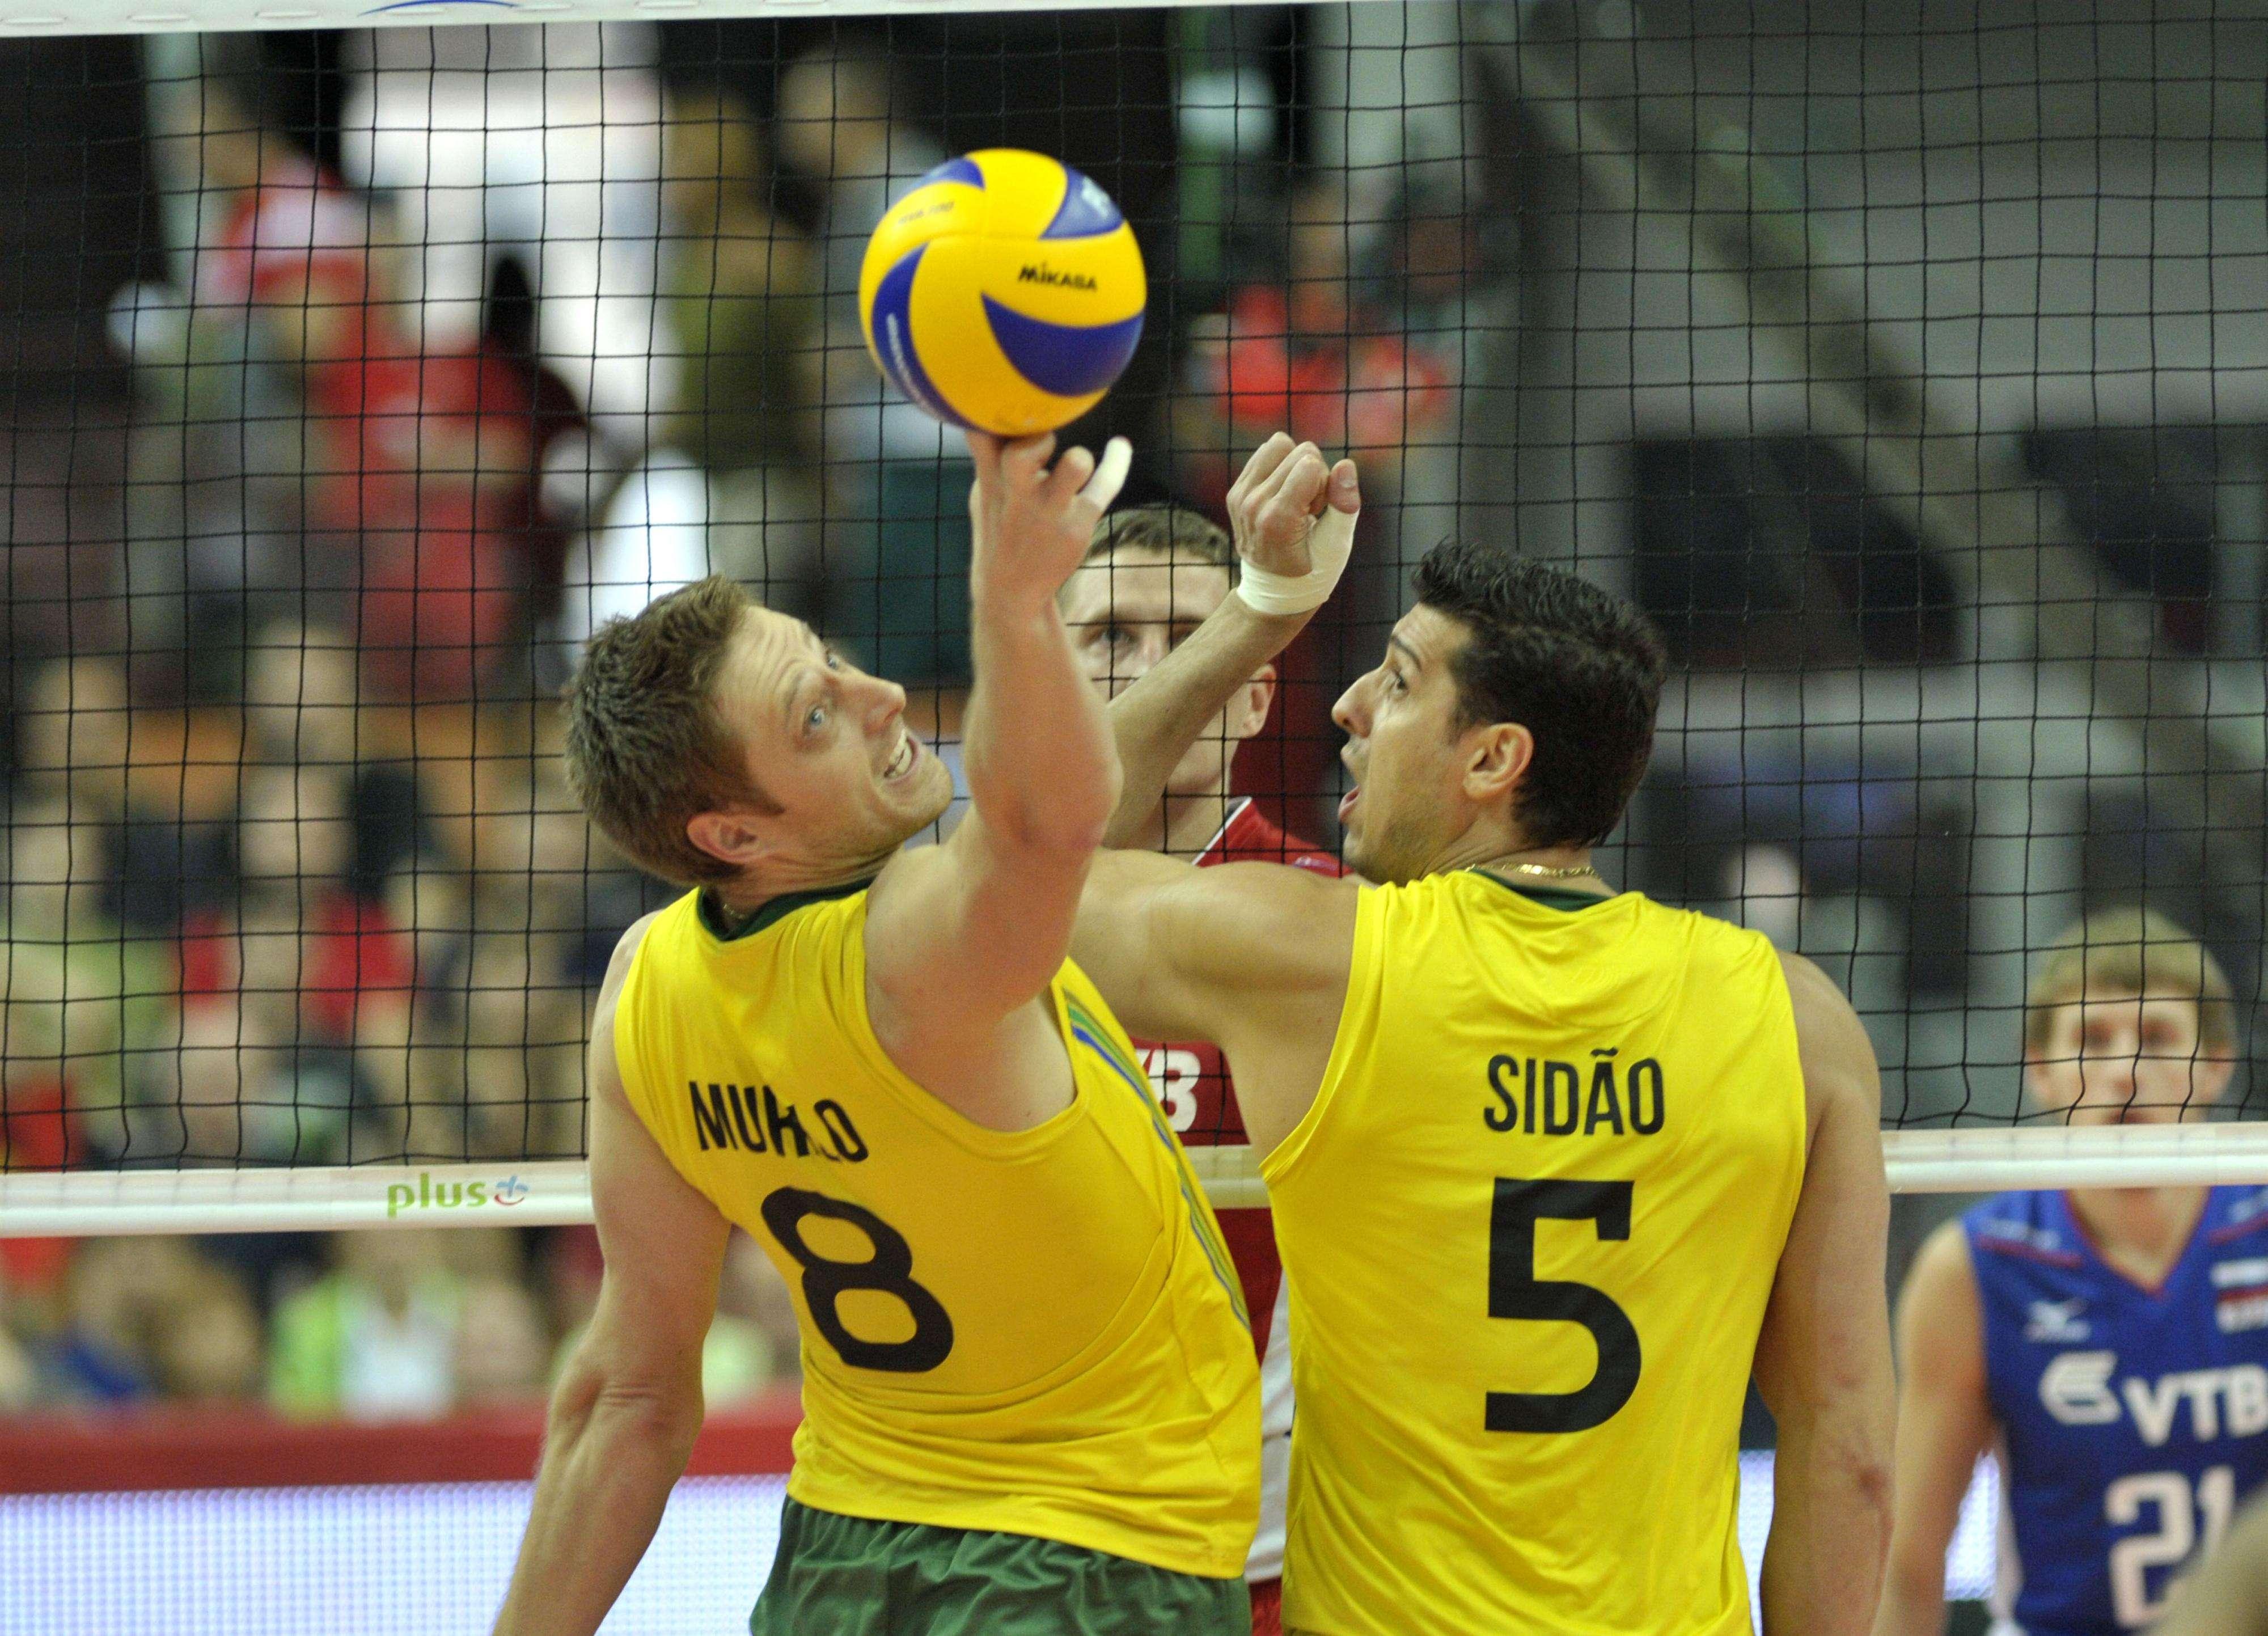 Murilo e Sidão tentam recuperar bola Foto: FIVB/Divulgação